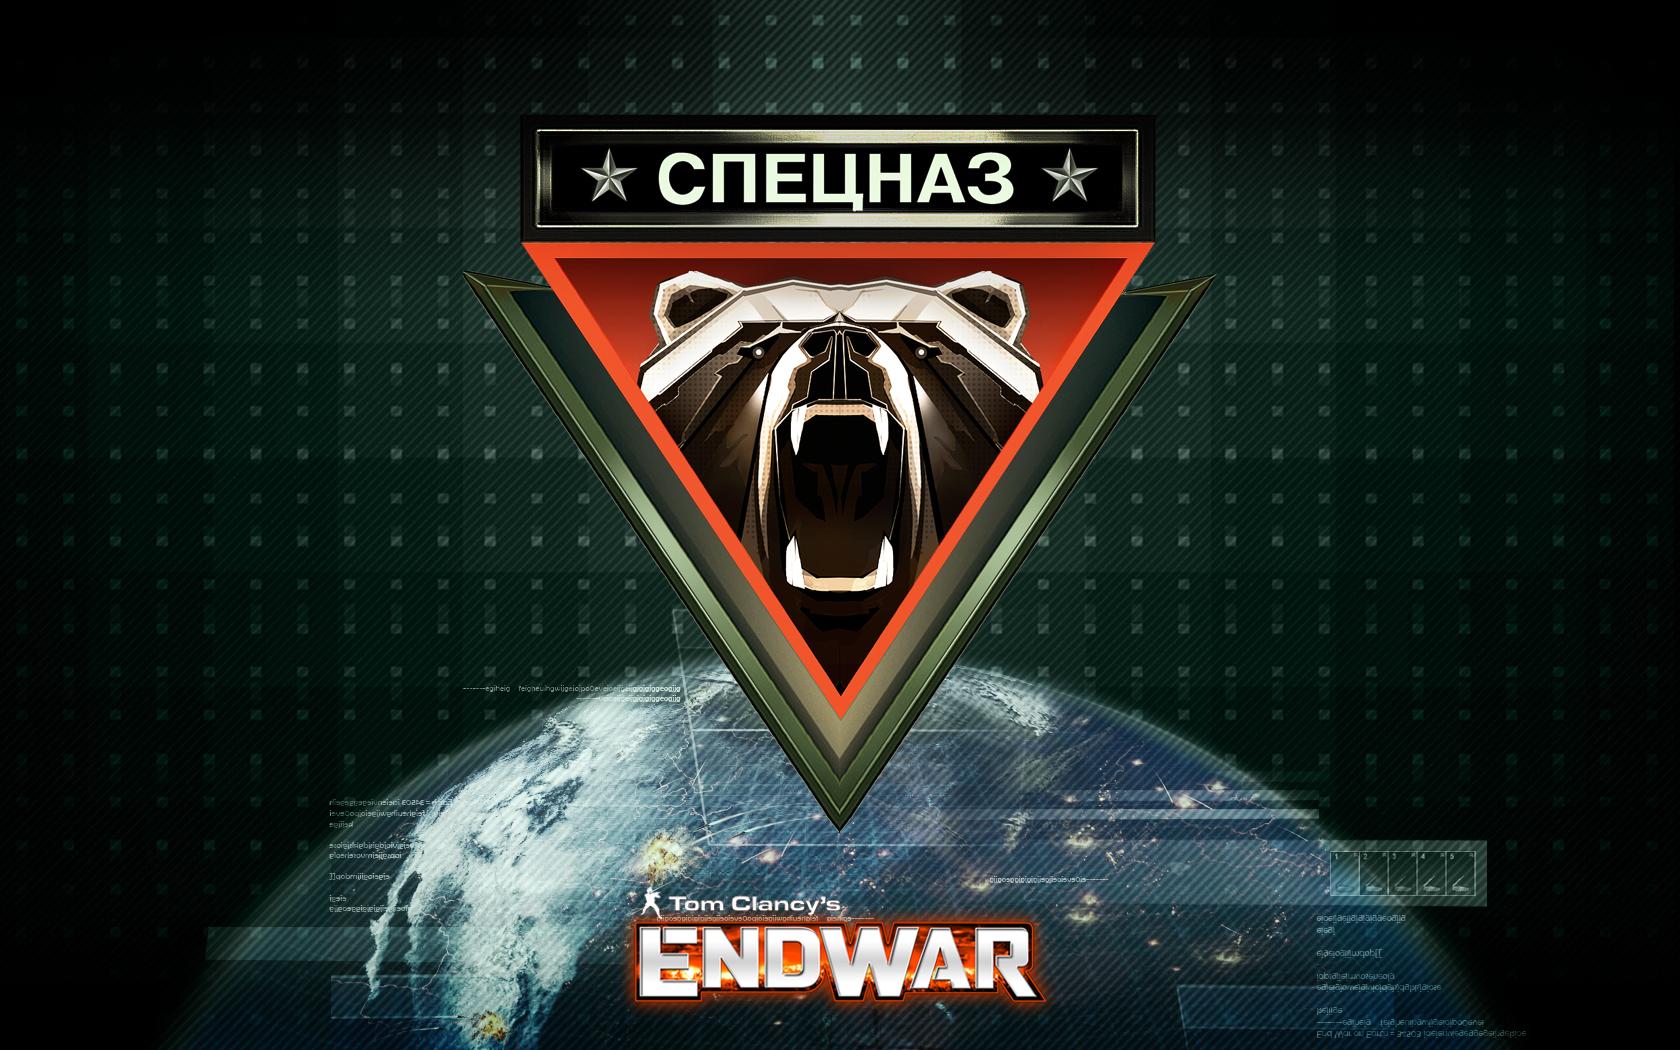 Hd wallpaper 3 tom clancy s endwar online - Hd Wallpaper 3 Tom Clancy S Endwar Online 48